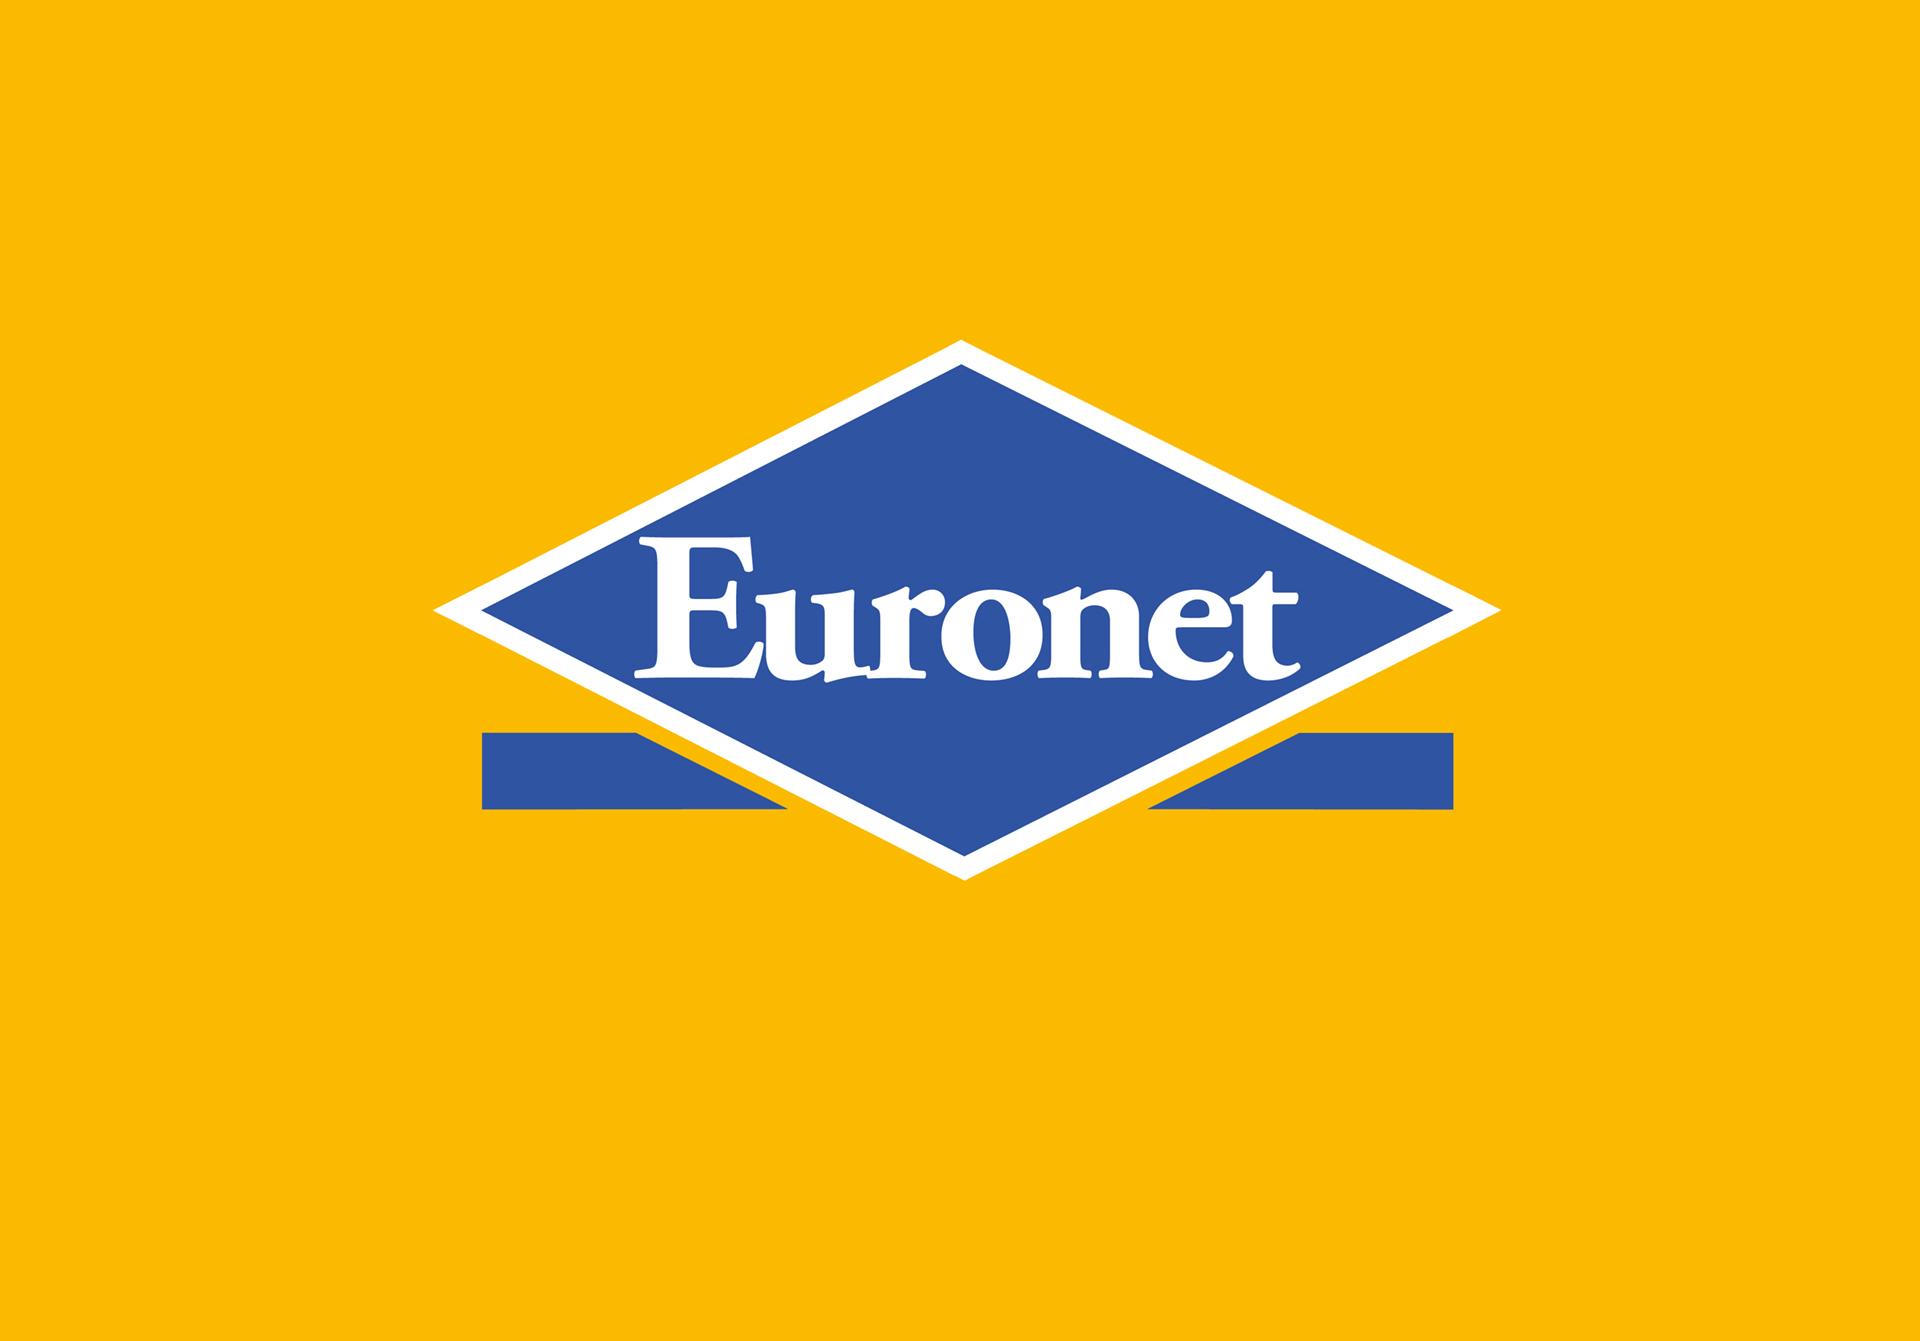 Euronet - Geldautomat - ATM Kamen